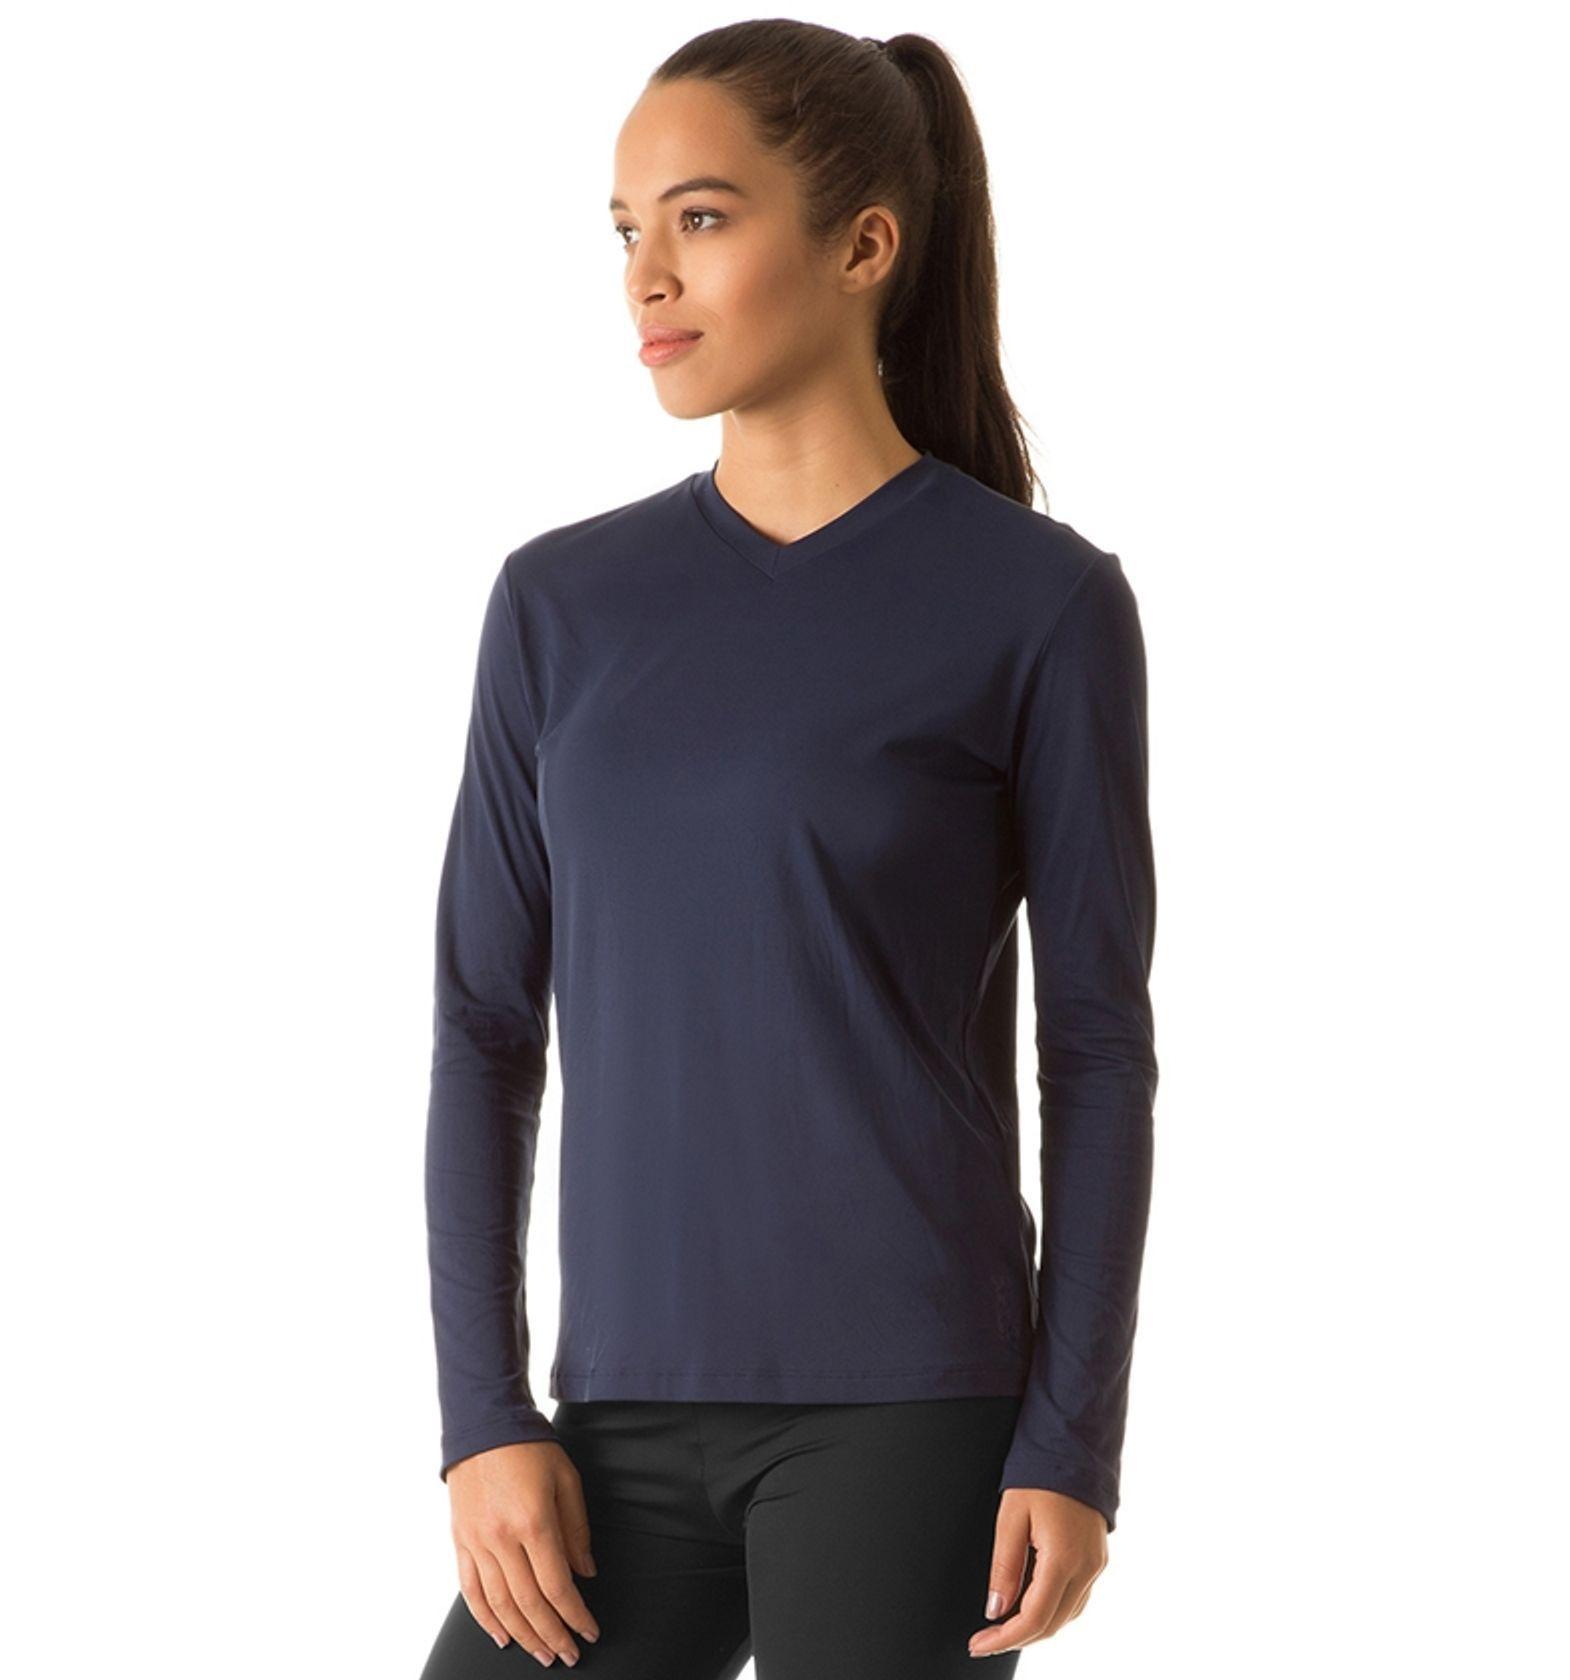 Uvline Camiseta Sport Fit ML Feminino Marinho Proteção Solar ... 343f2018555